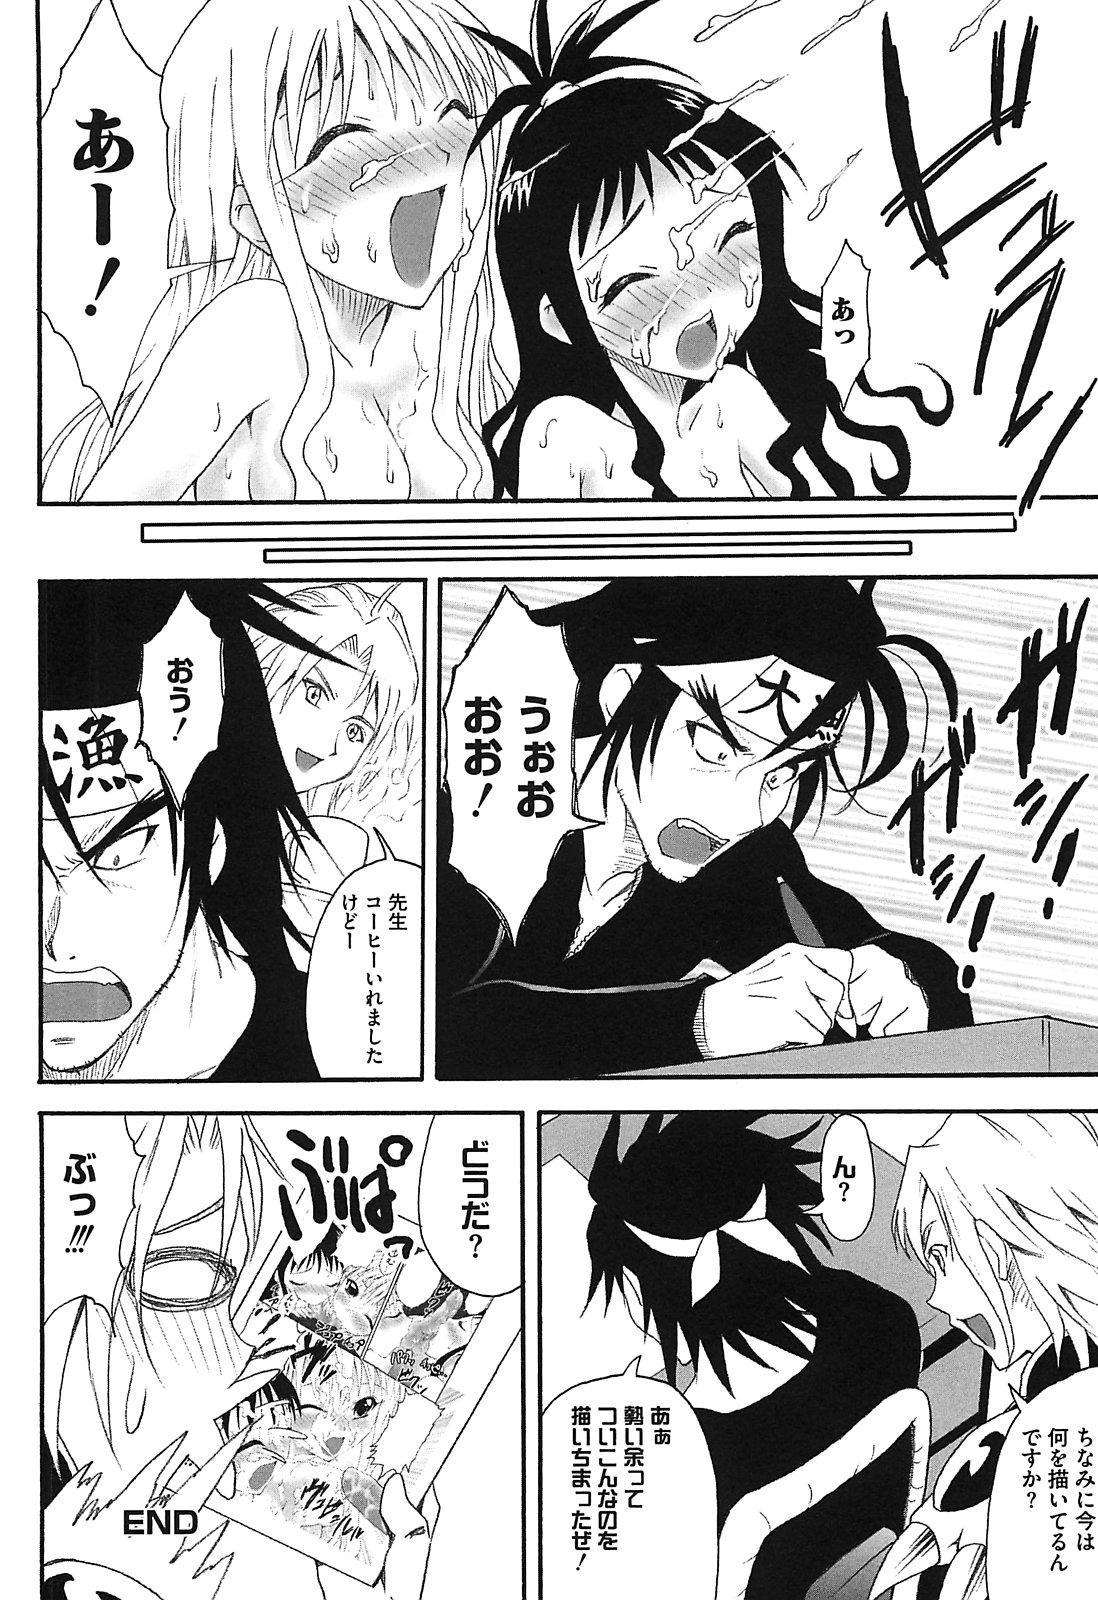 Mikan no Eroburu Nikki 72